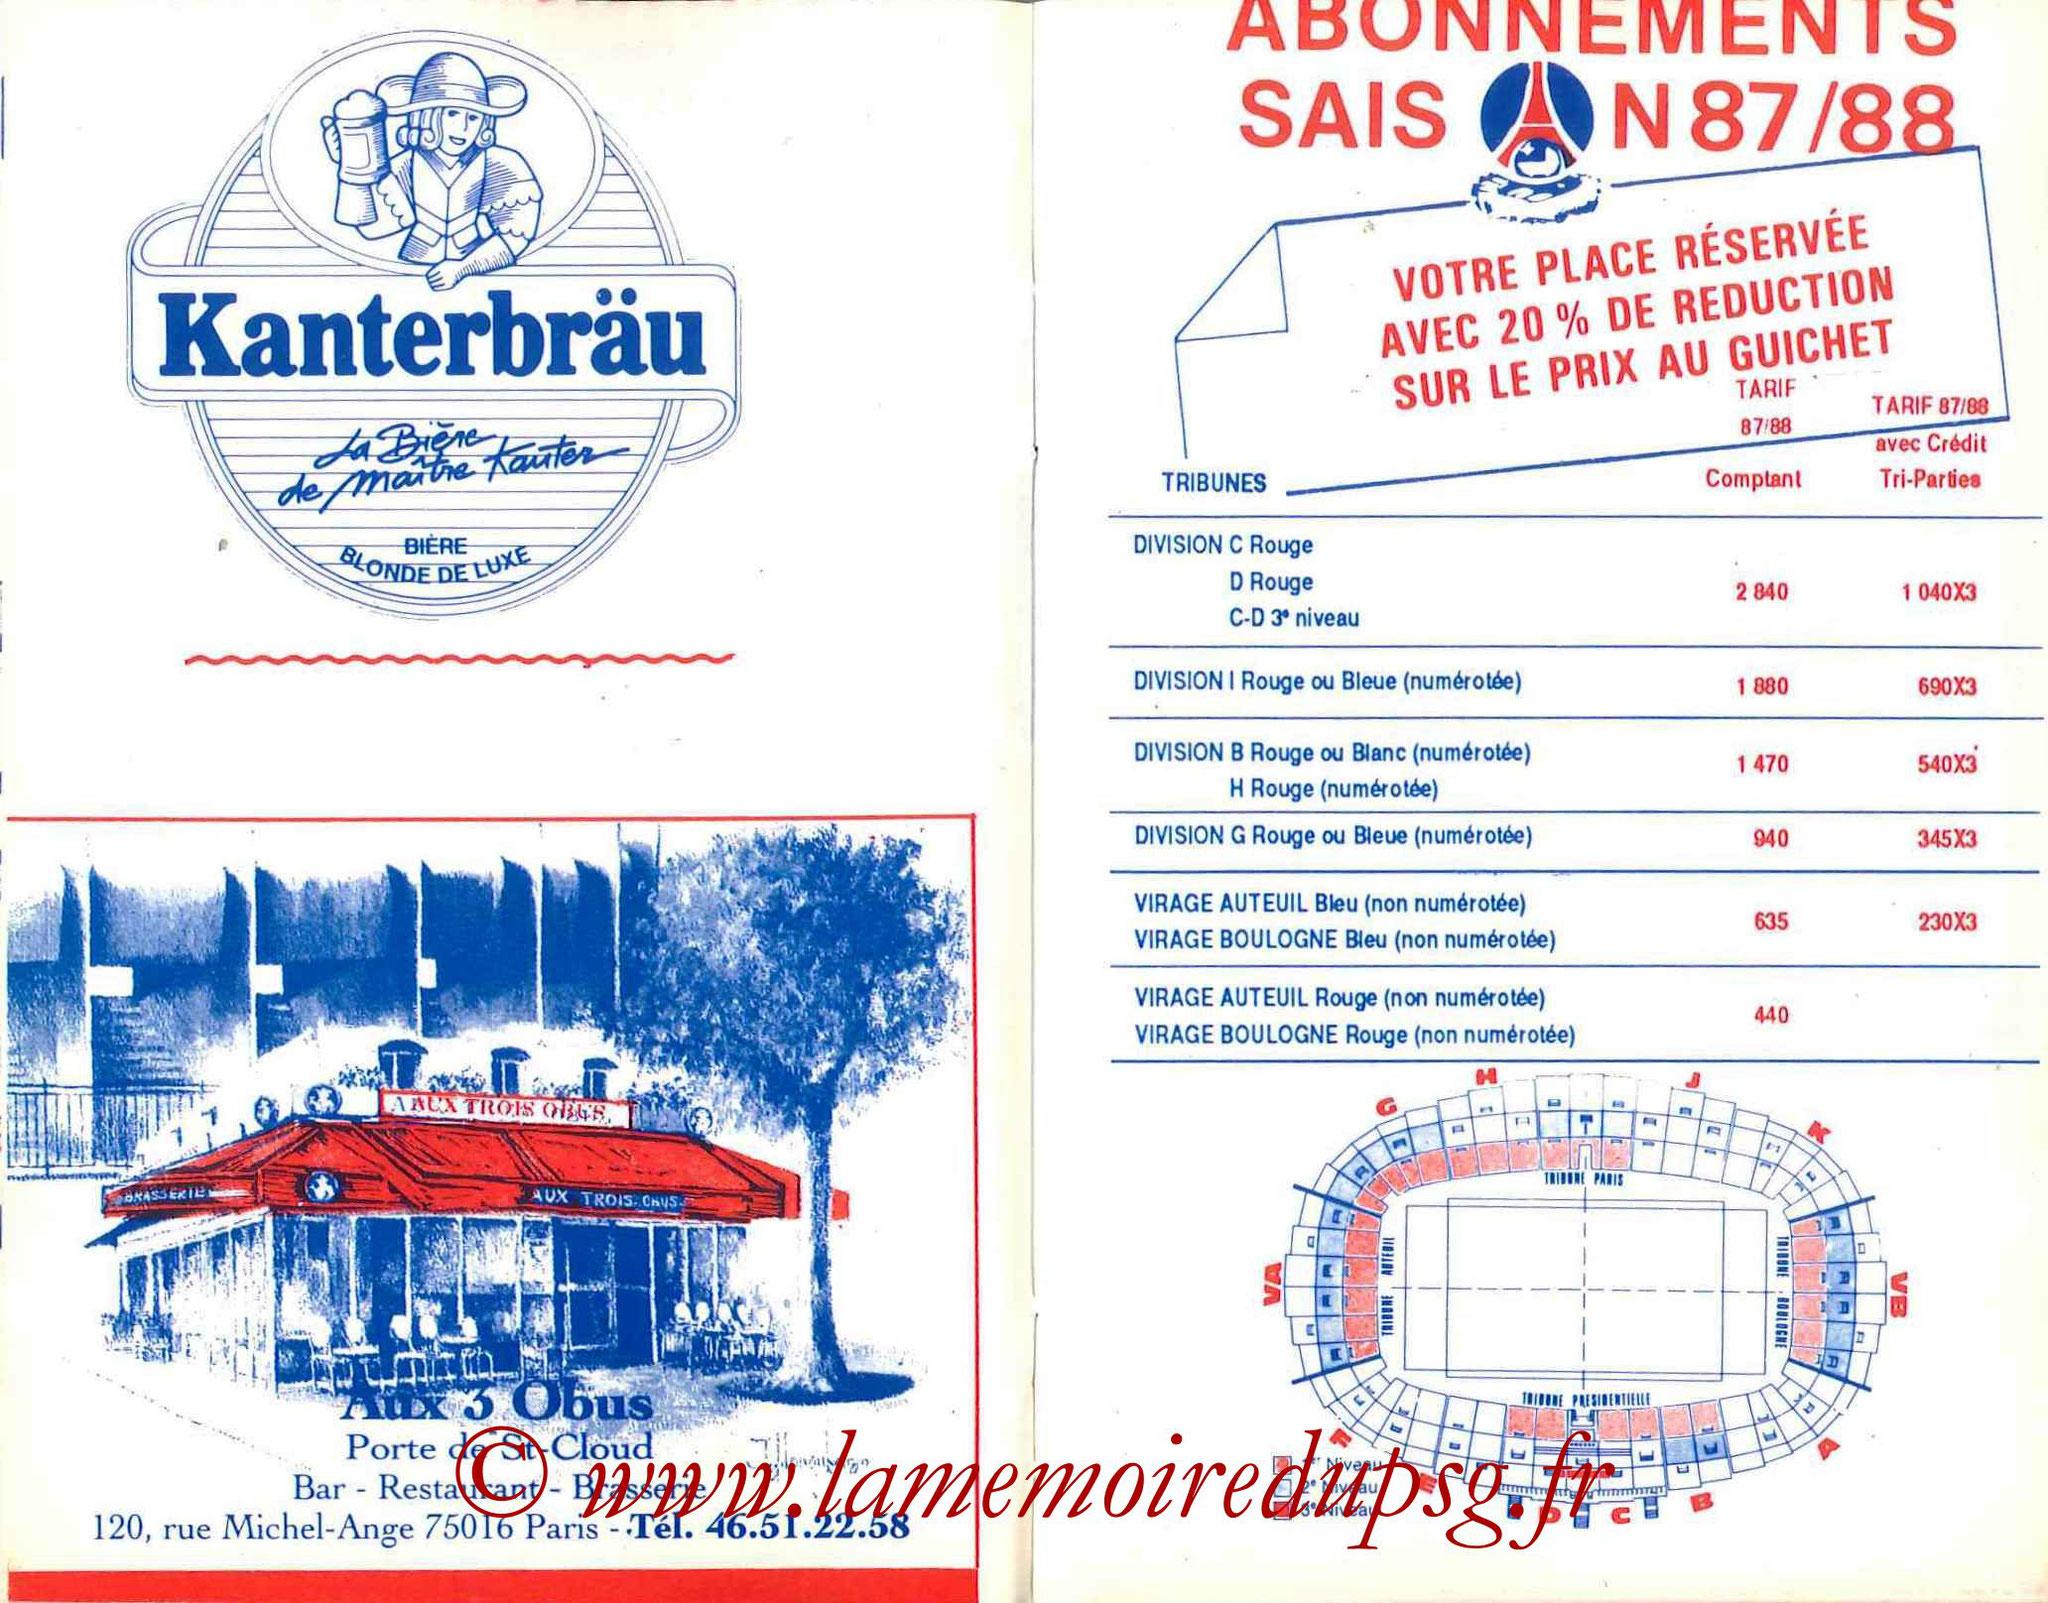 1987-88 - Guide de la Saison PSG - Pages 14 et 15